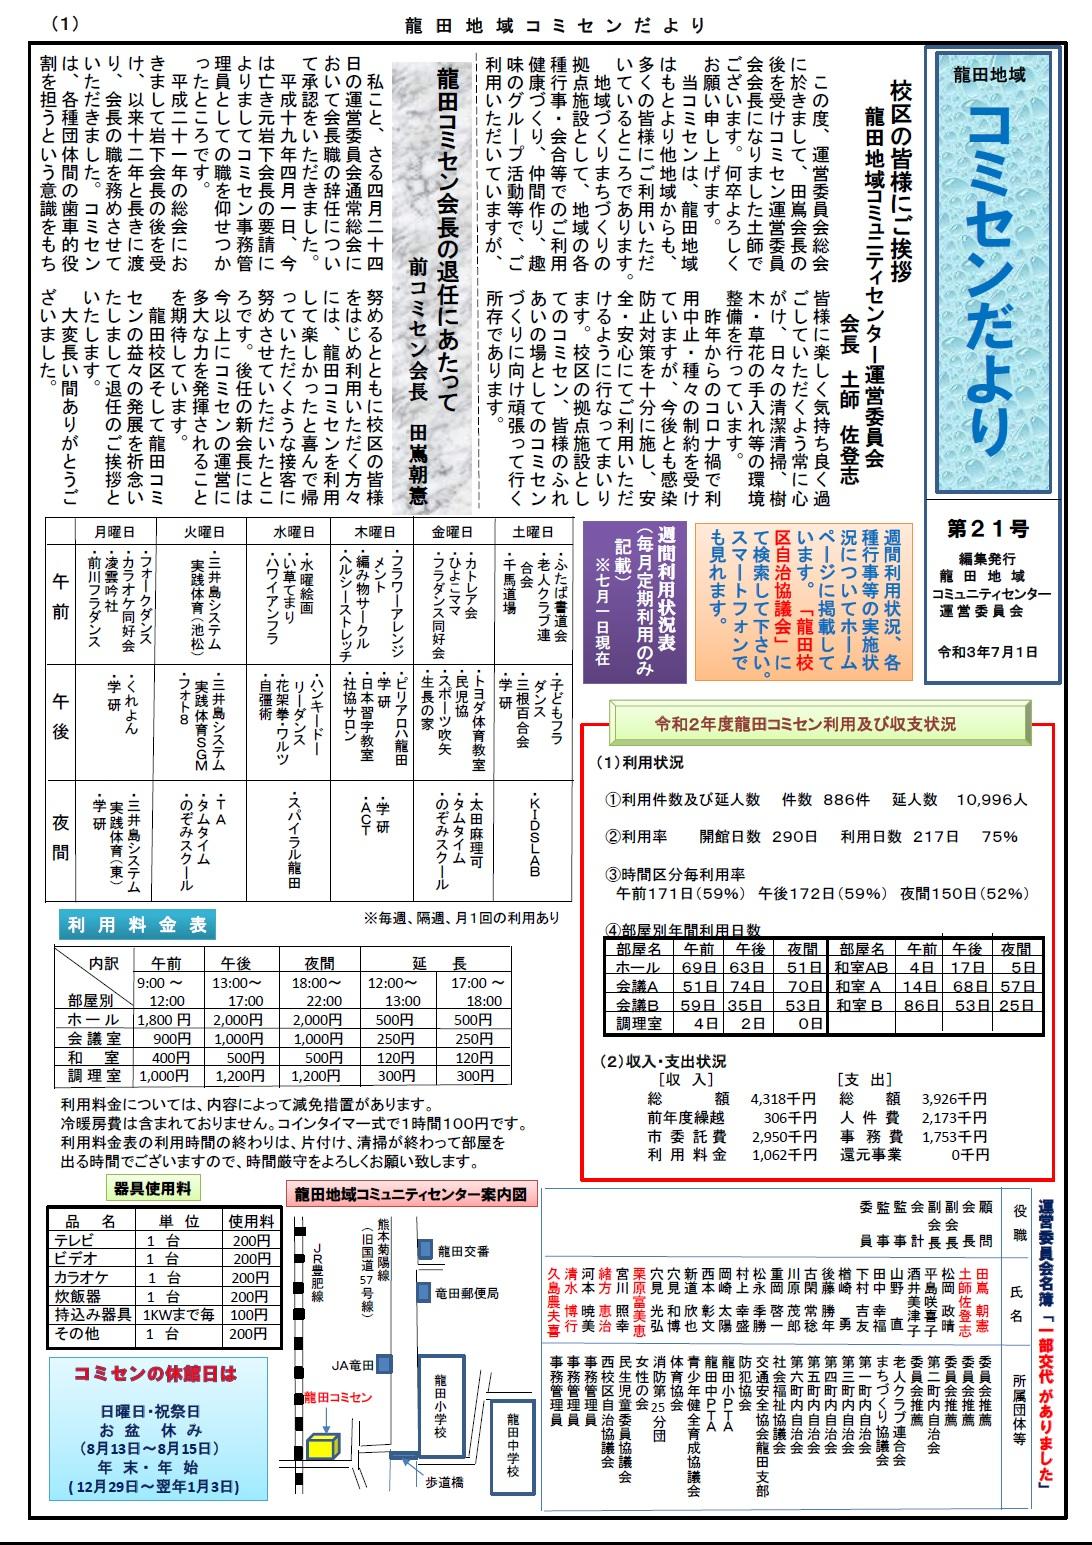 龍田地域コミセンだより(表)